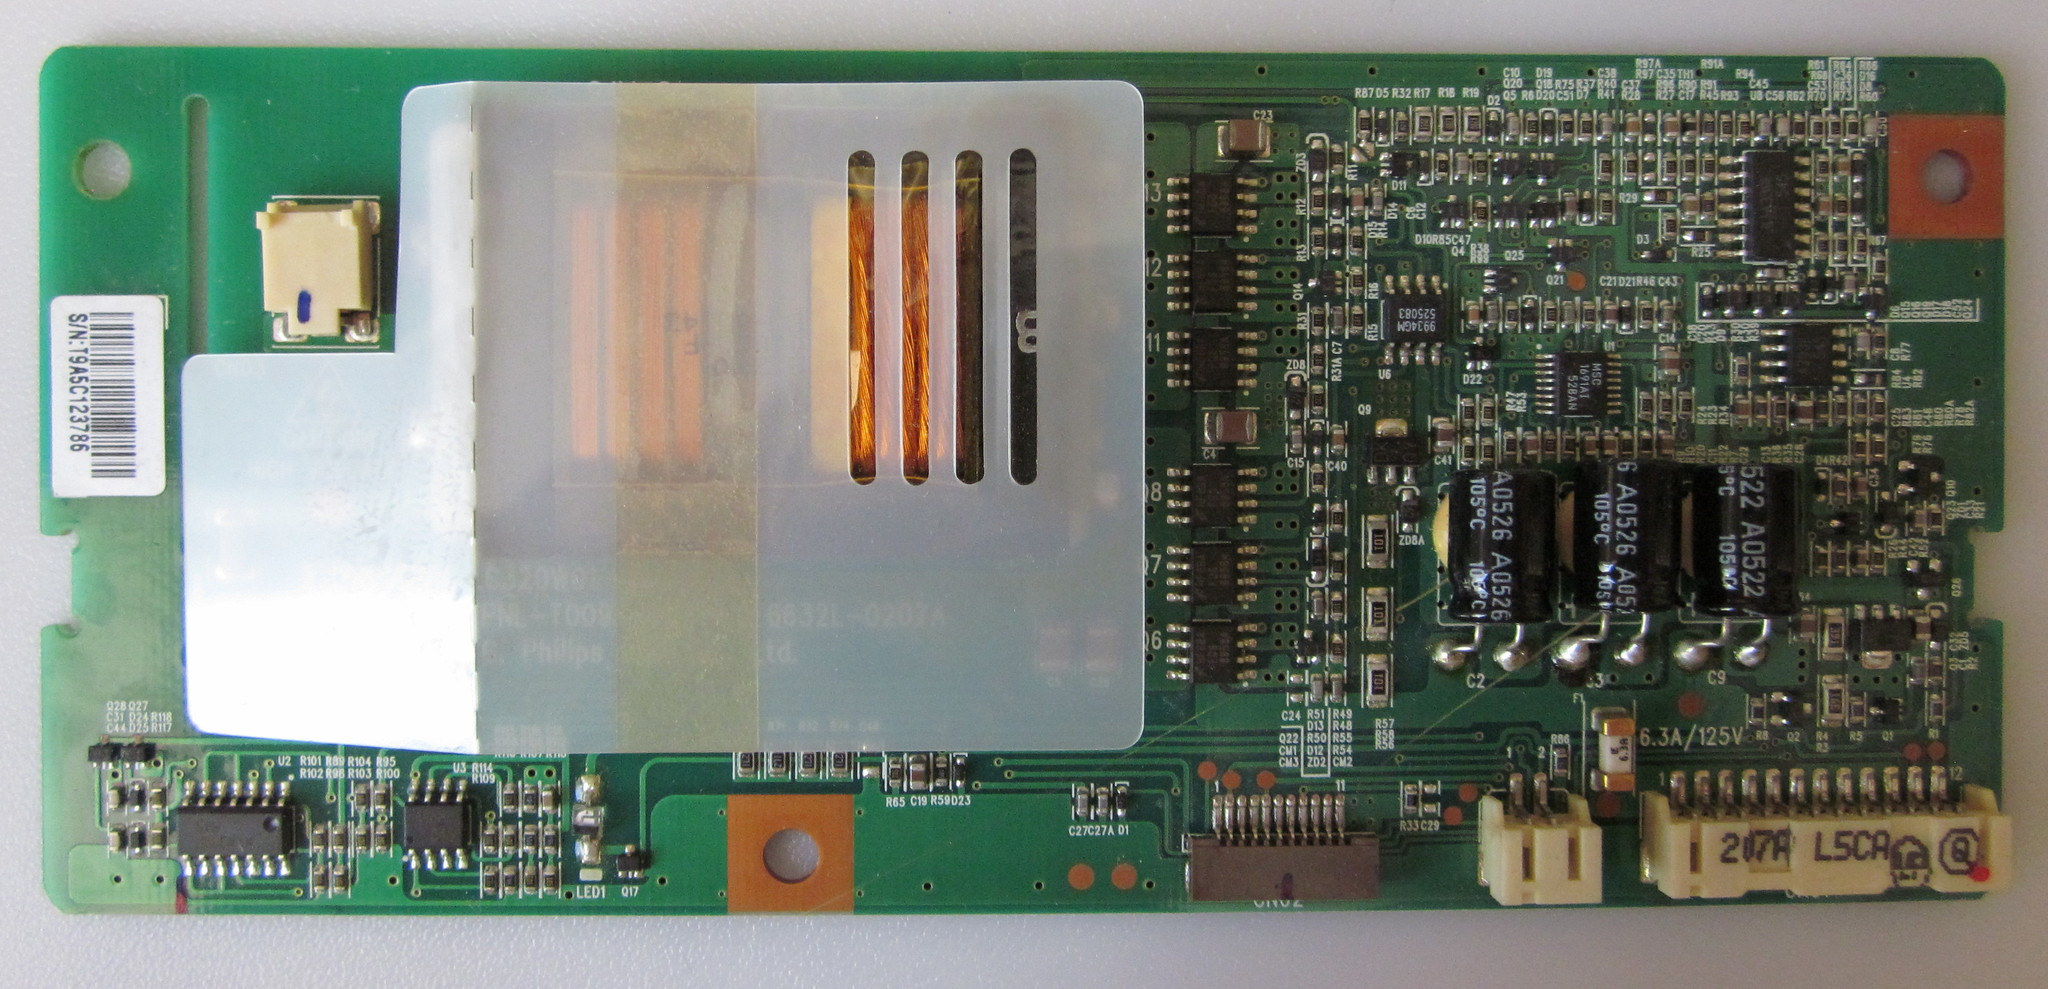 YPNL-T009A REV-0.9